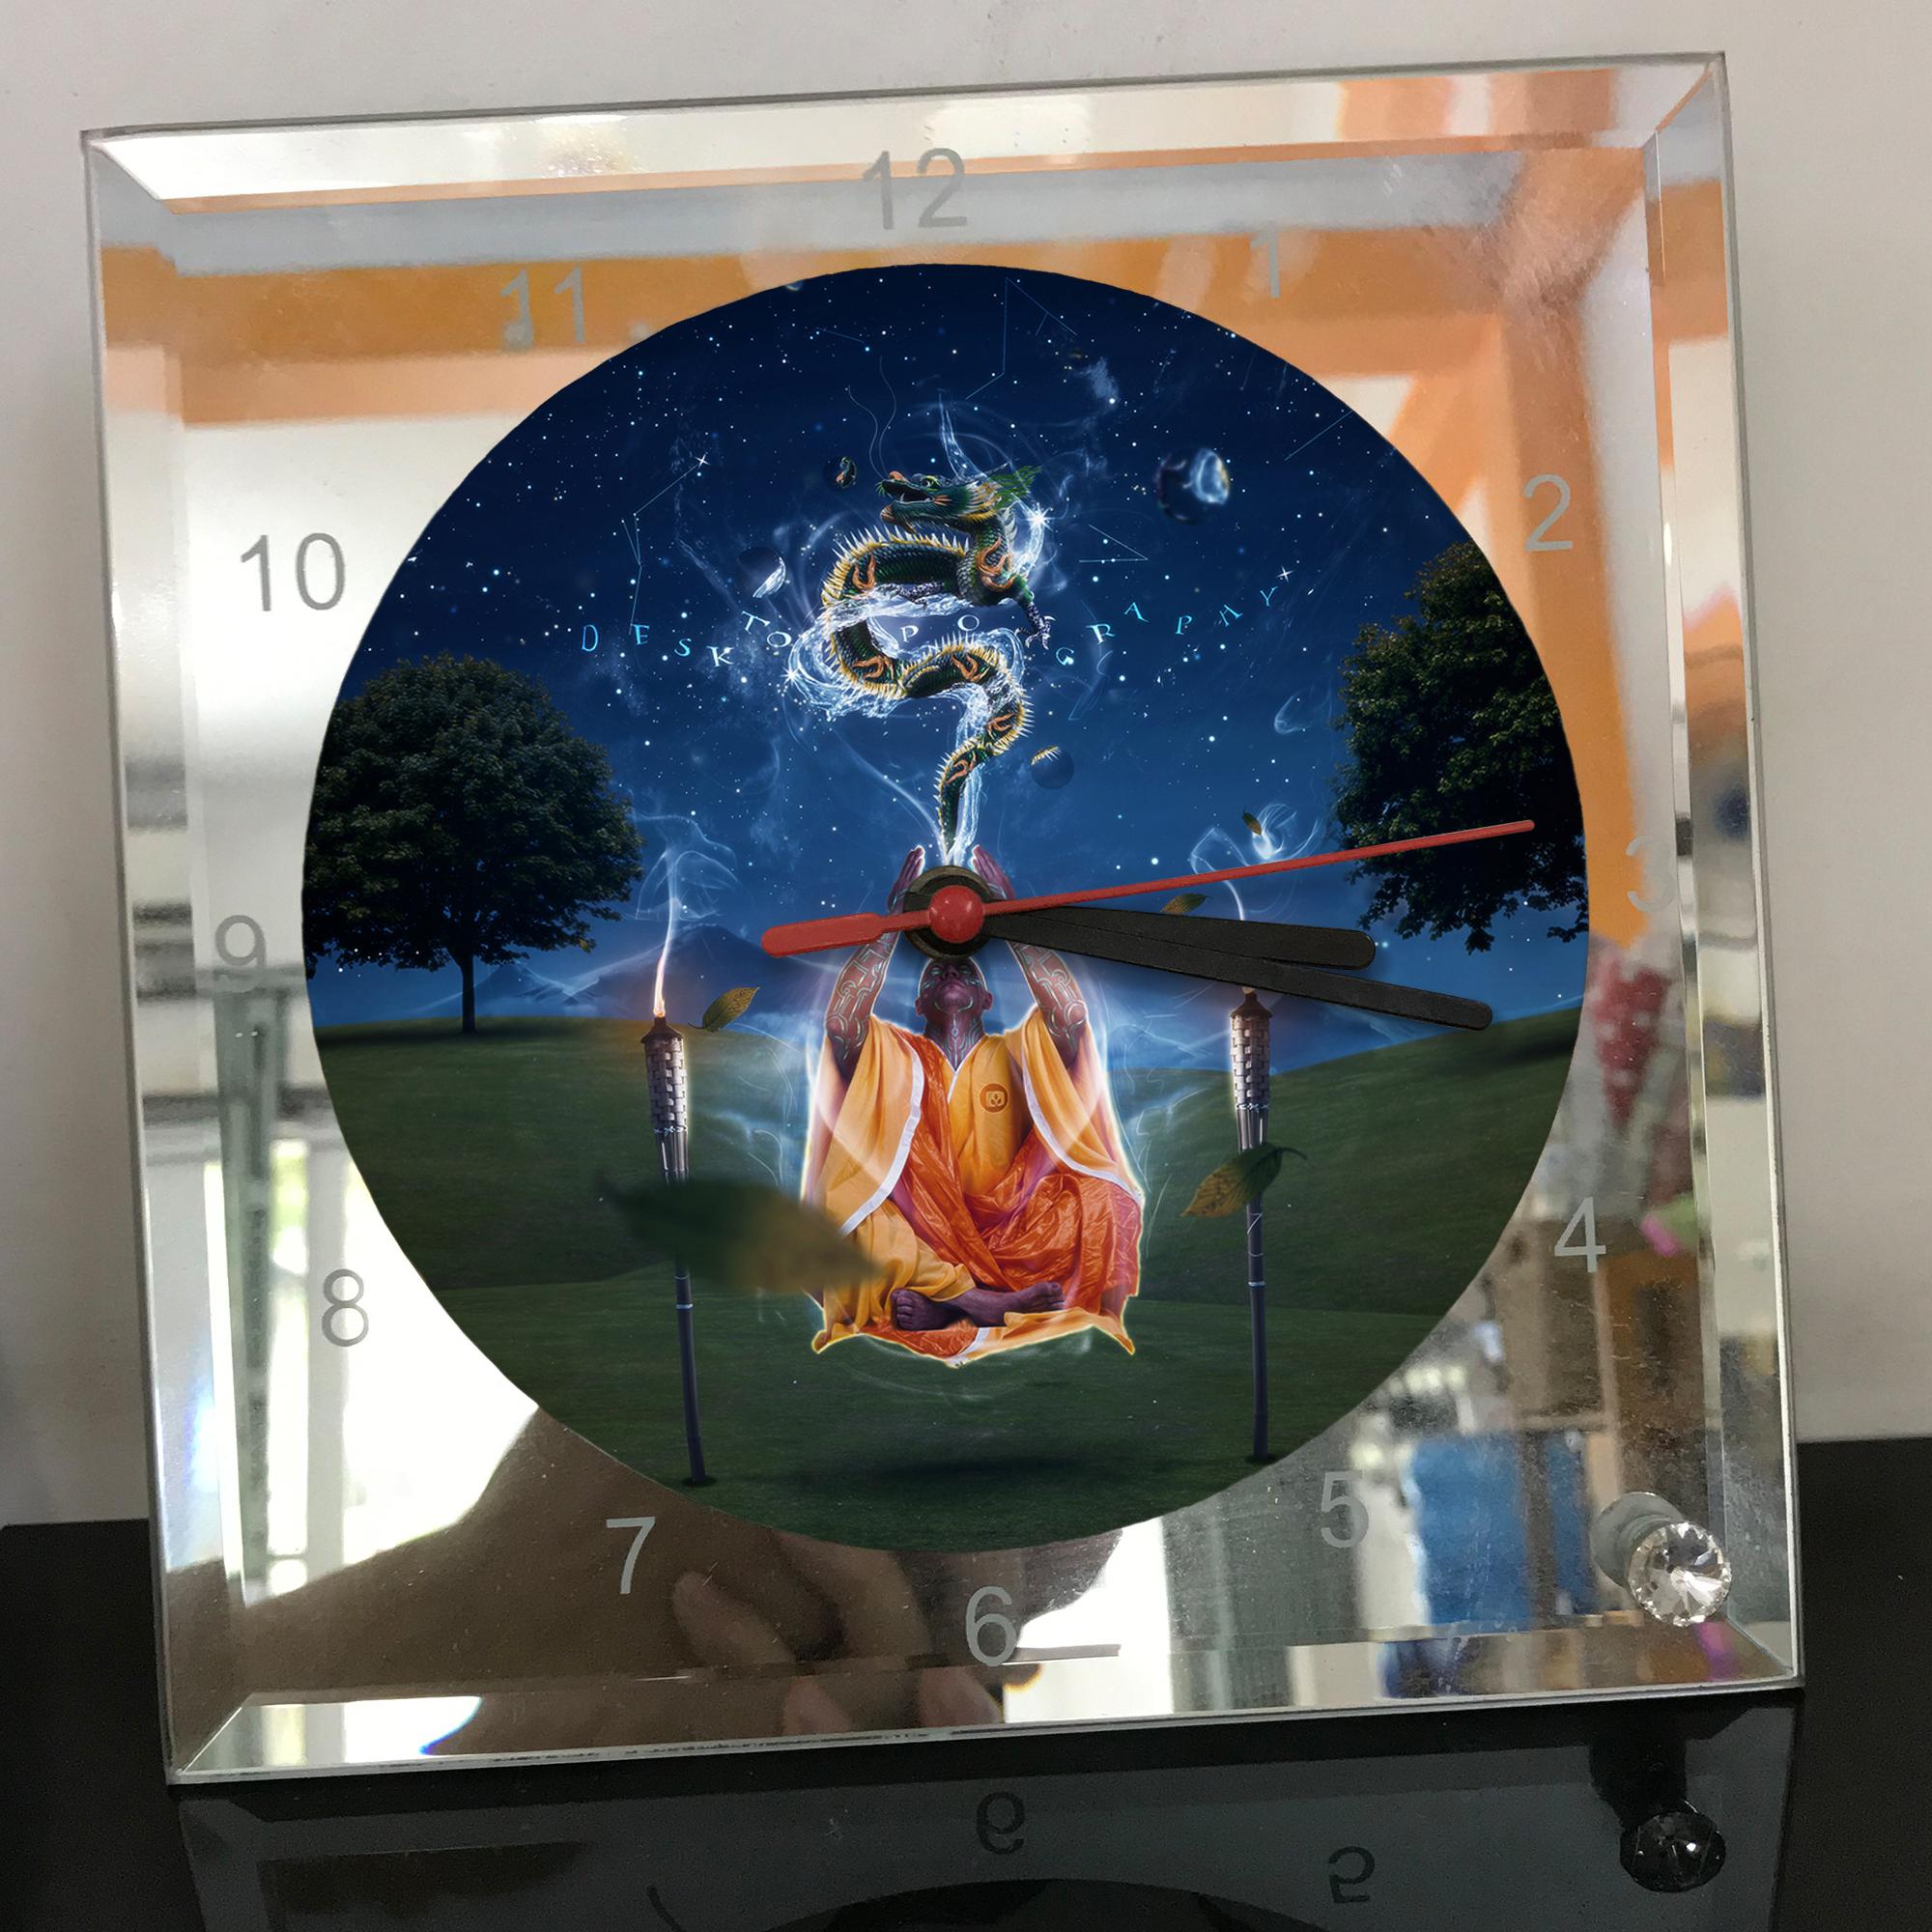 Đồng hồ thủy tinh vuông 20x20 in hình Buddhism - đạo phật (64) . Đồng hồ thủy tinh để bàn trang trí đẹp chủ đề tôn giáo